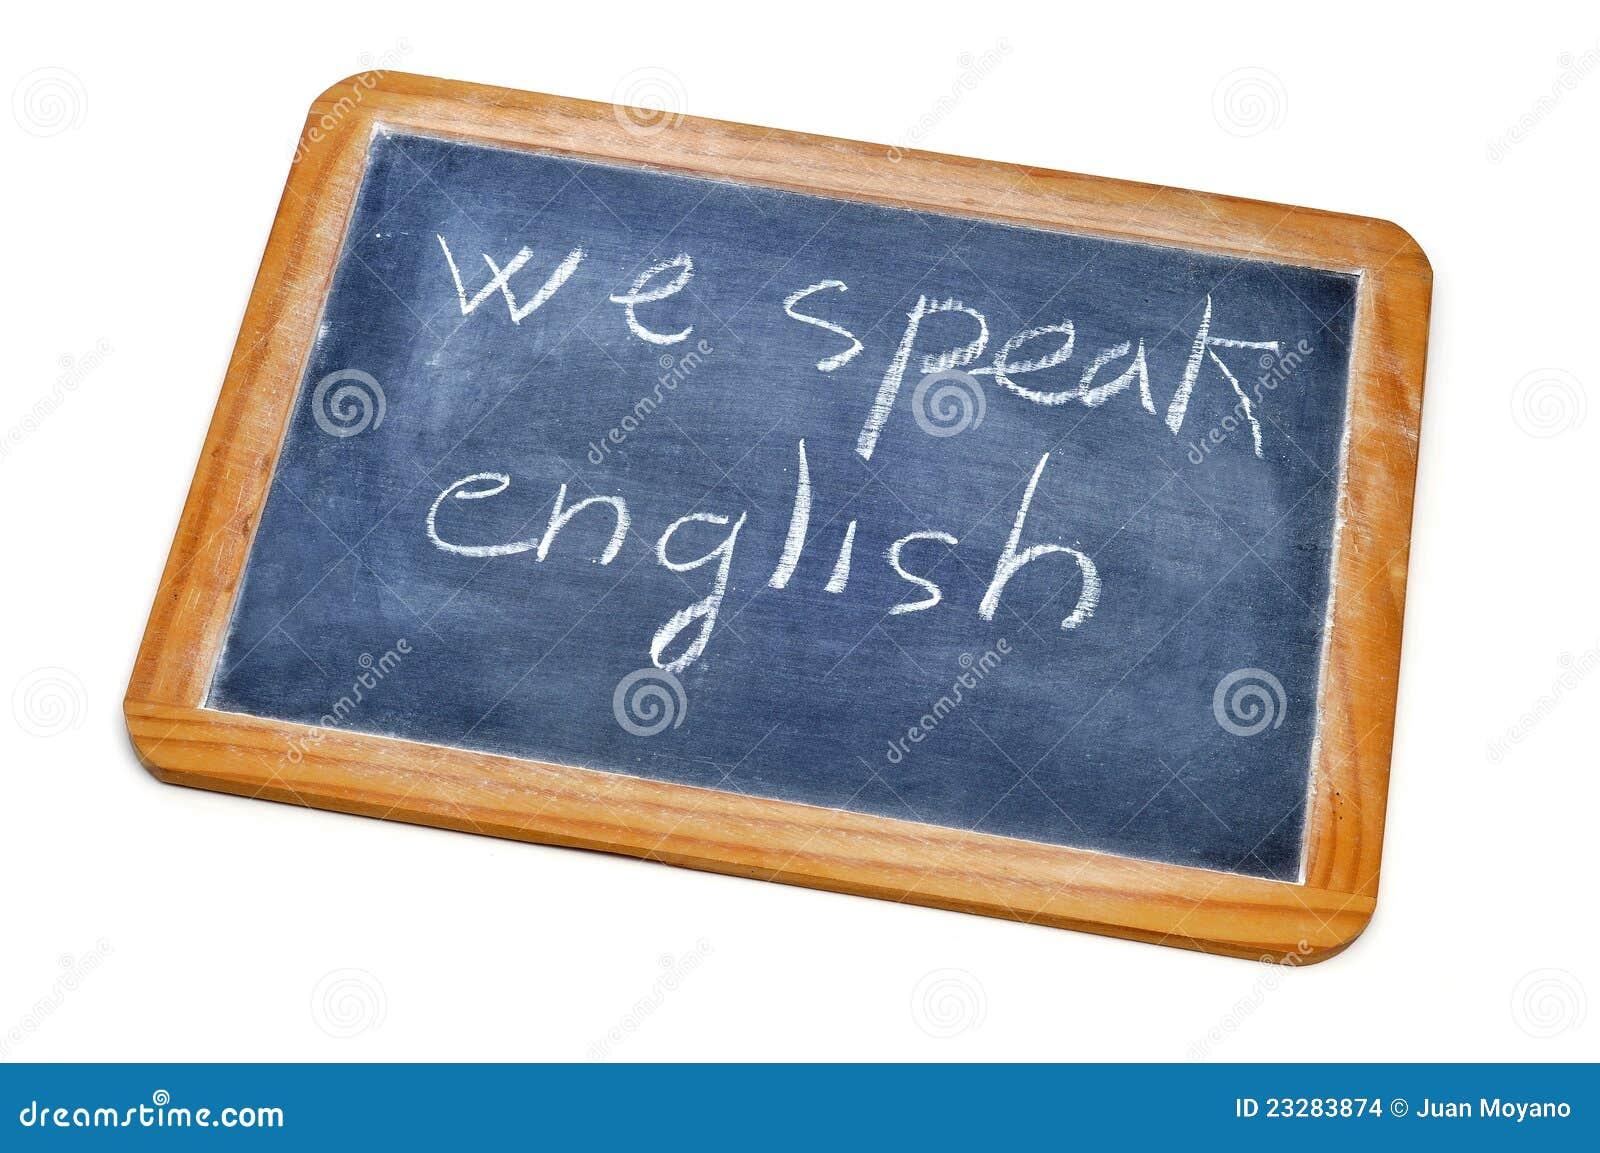 Behauptung Englisch